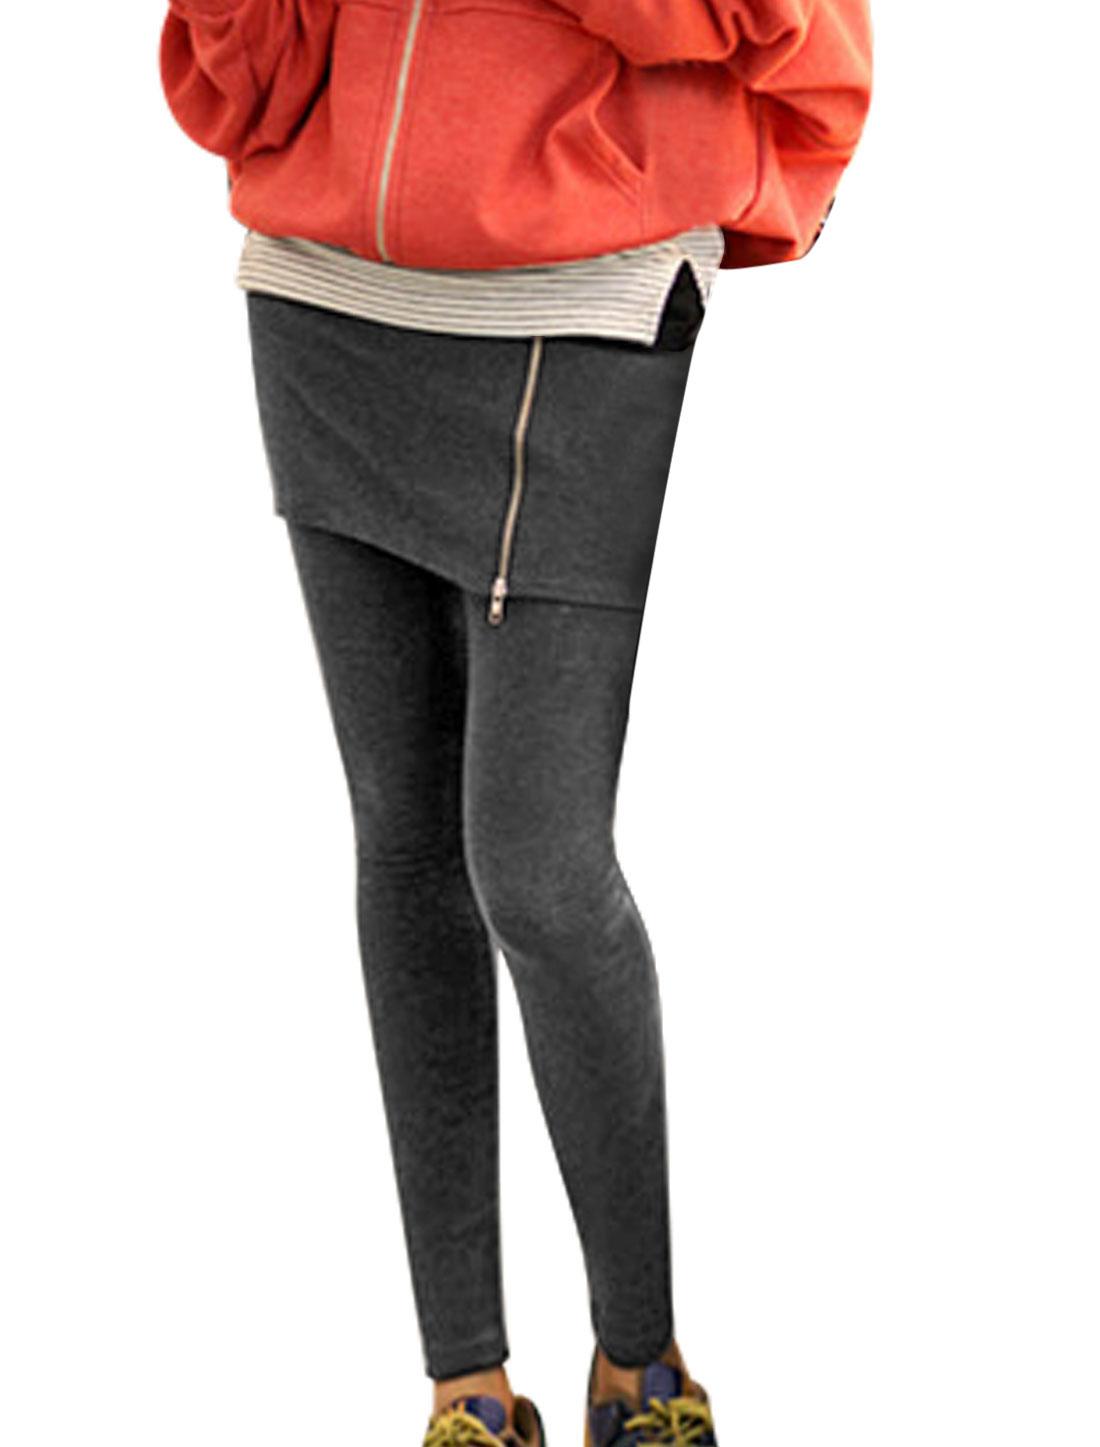 Women Natural Rise Stretchy Zip Closure Casual Skirt Leggings Dark Gray XS